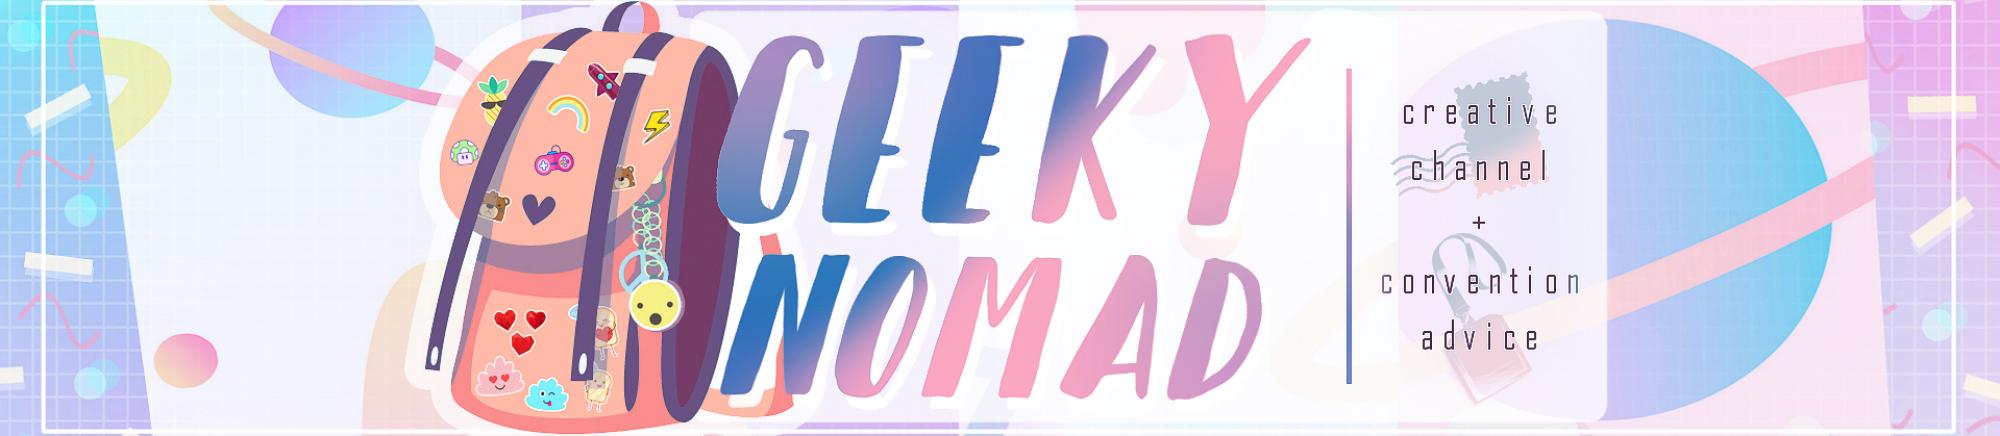 Geeky Nomadic